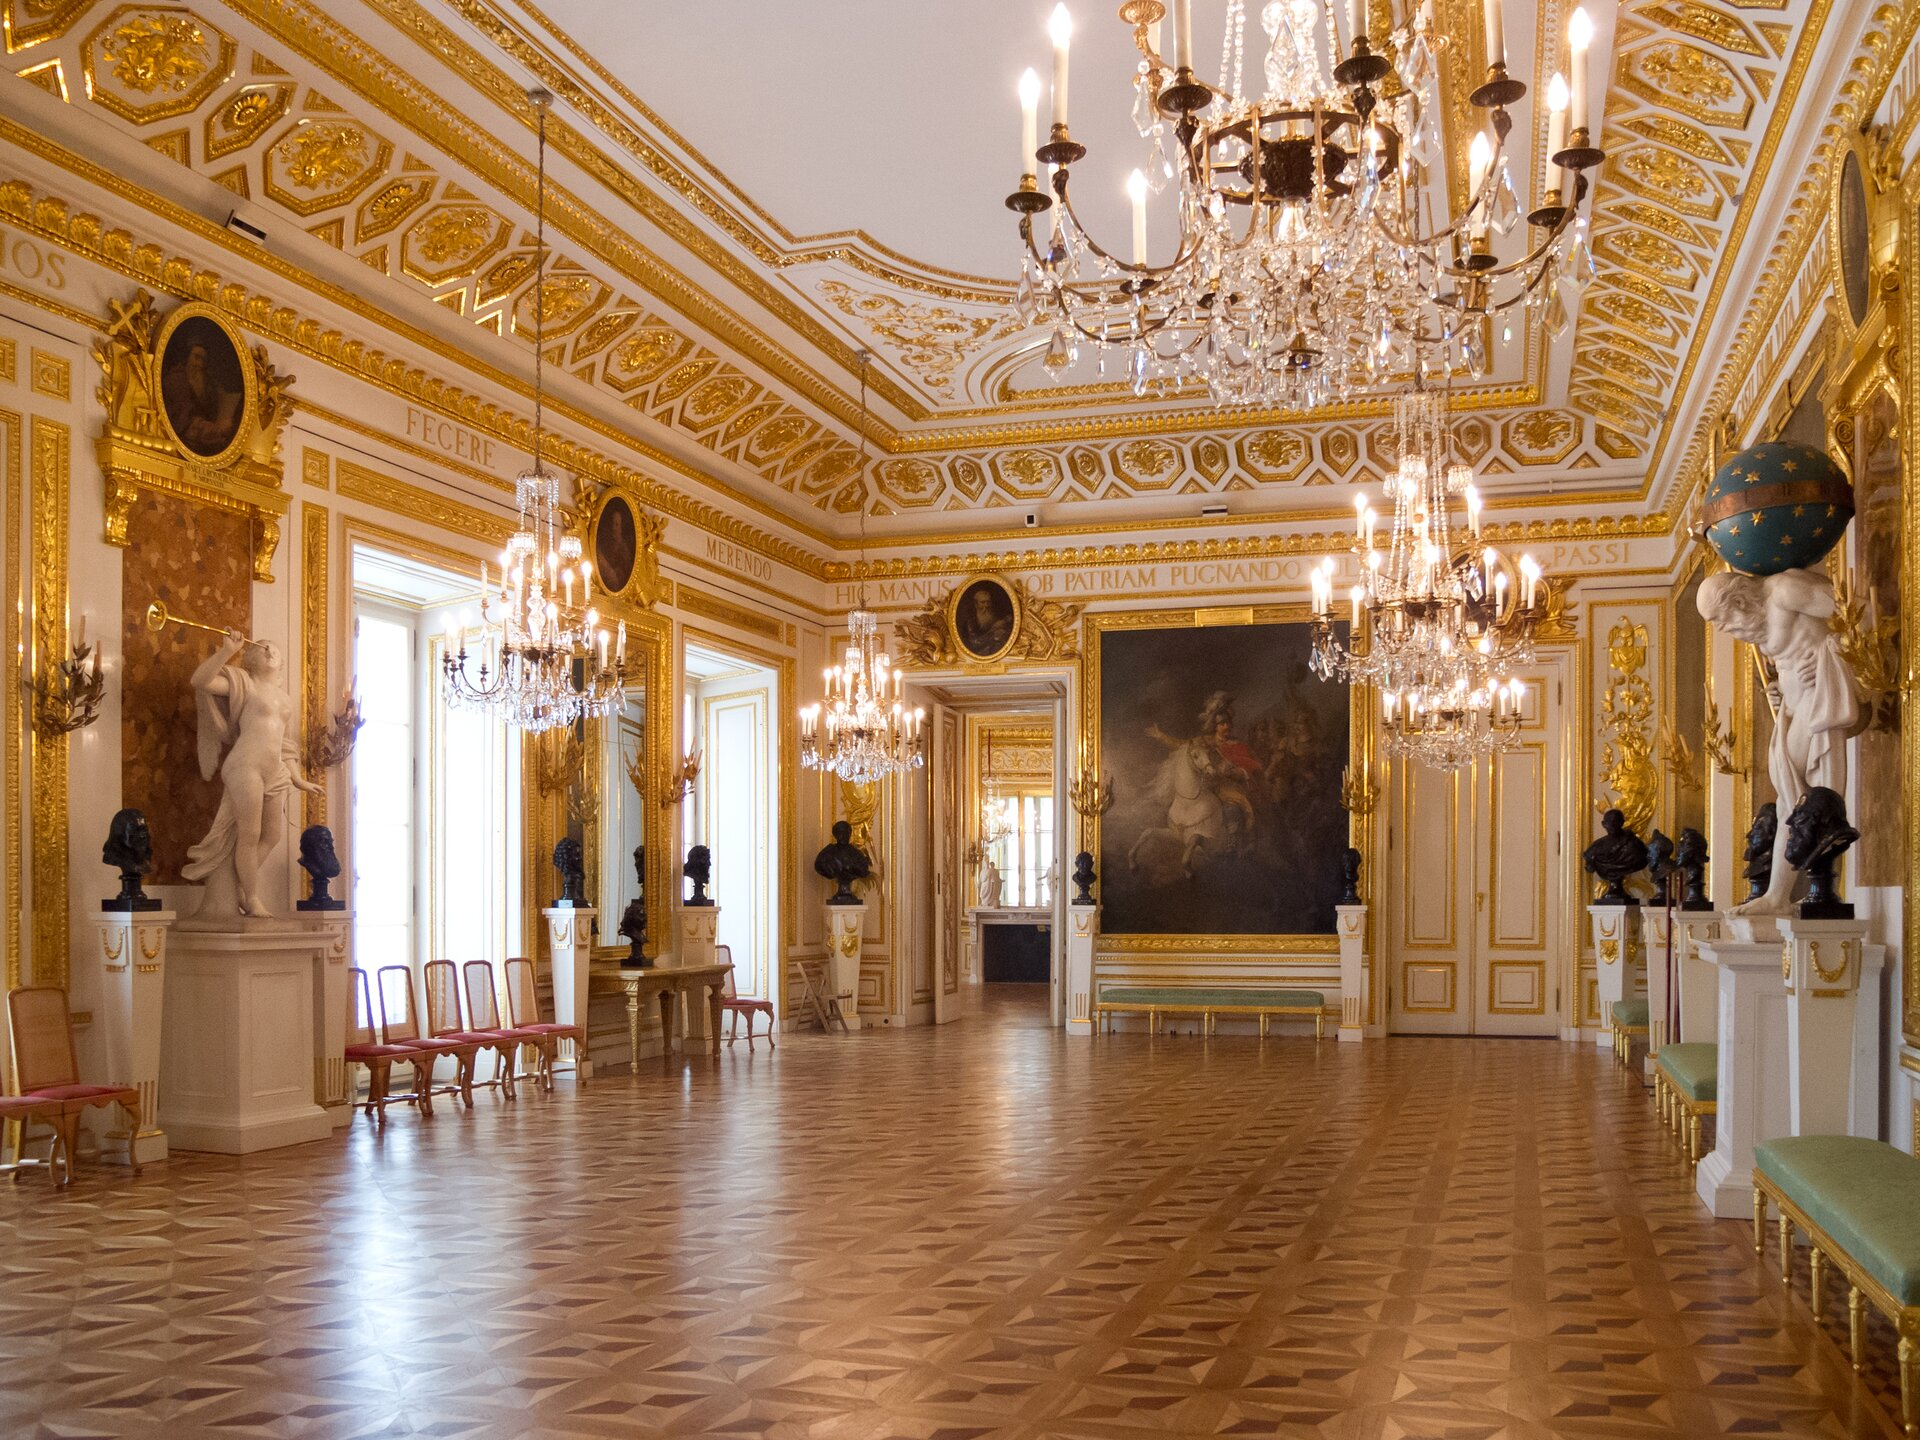 Sala tronowa wZamku Królewskim wWarszawie Sala tronowa wZamku Królewskim wWarszawie Źródło: Carlos Delgado, Wikimedia Commons, licencja: CC BY-SA 3.0.